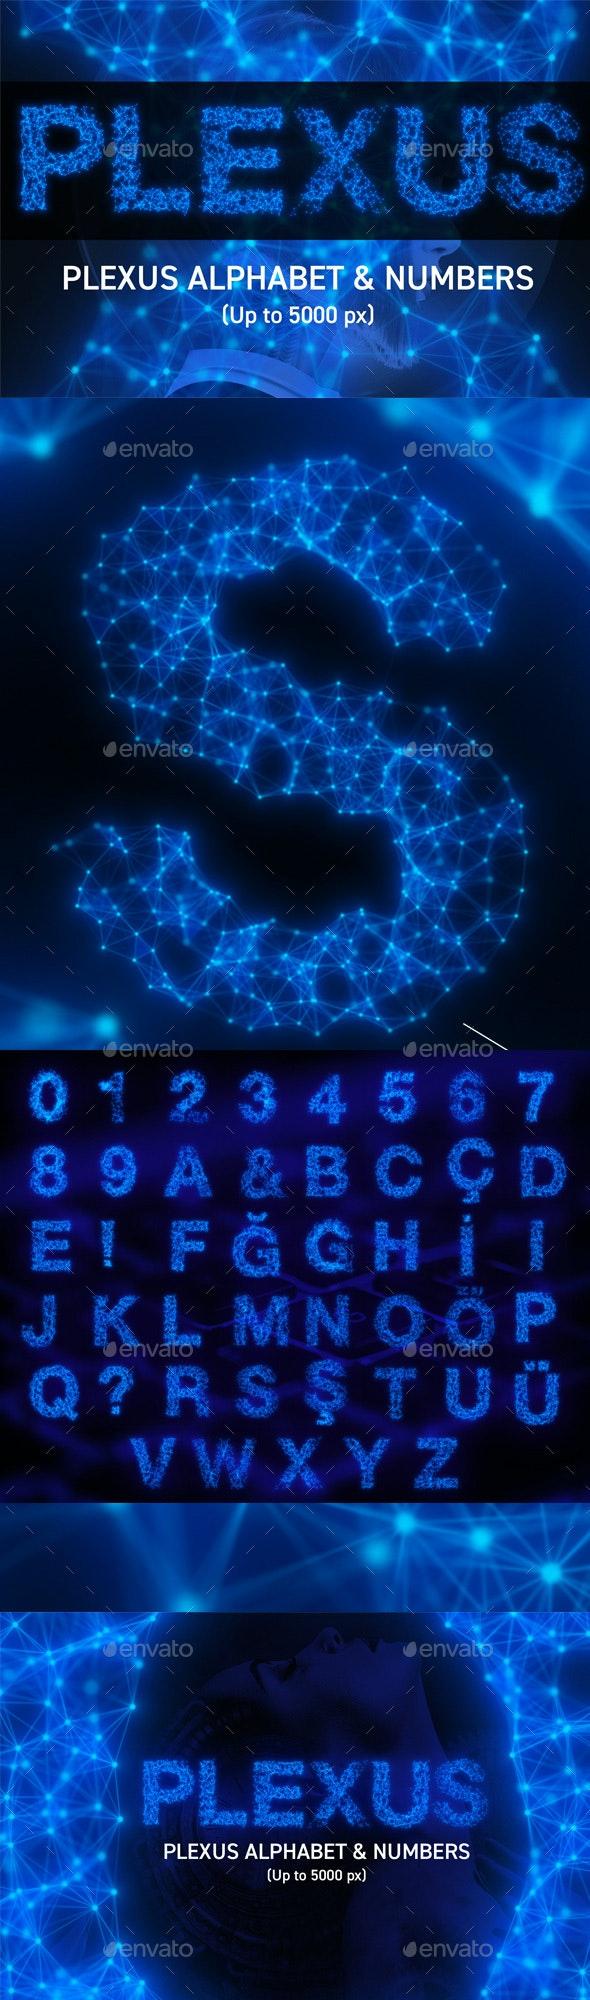 Plexus Alphabet & Numbers - Text 3D Renders